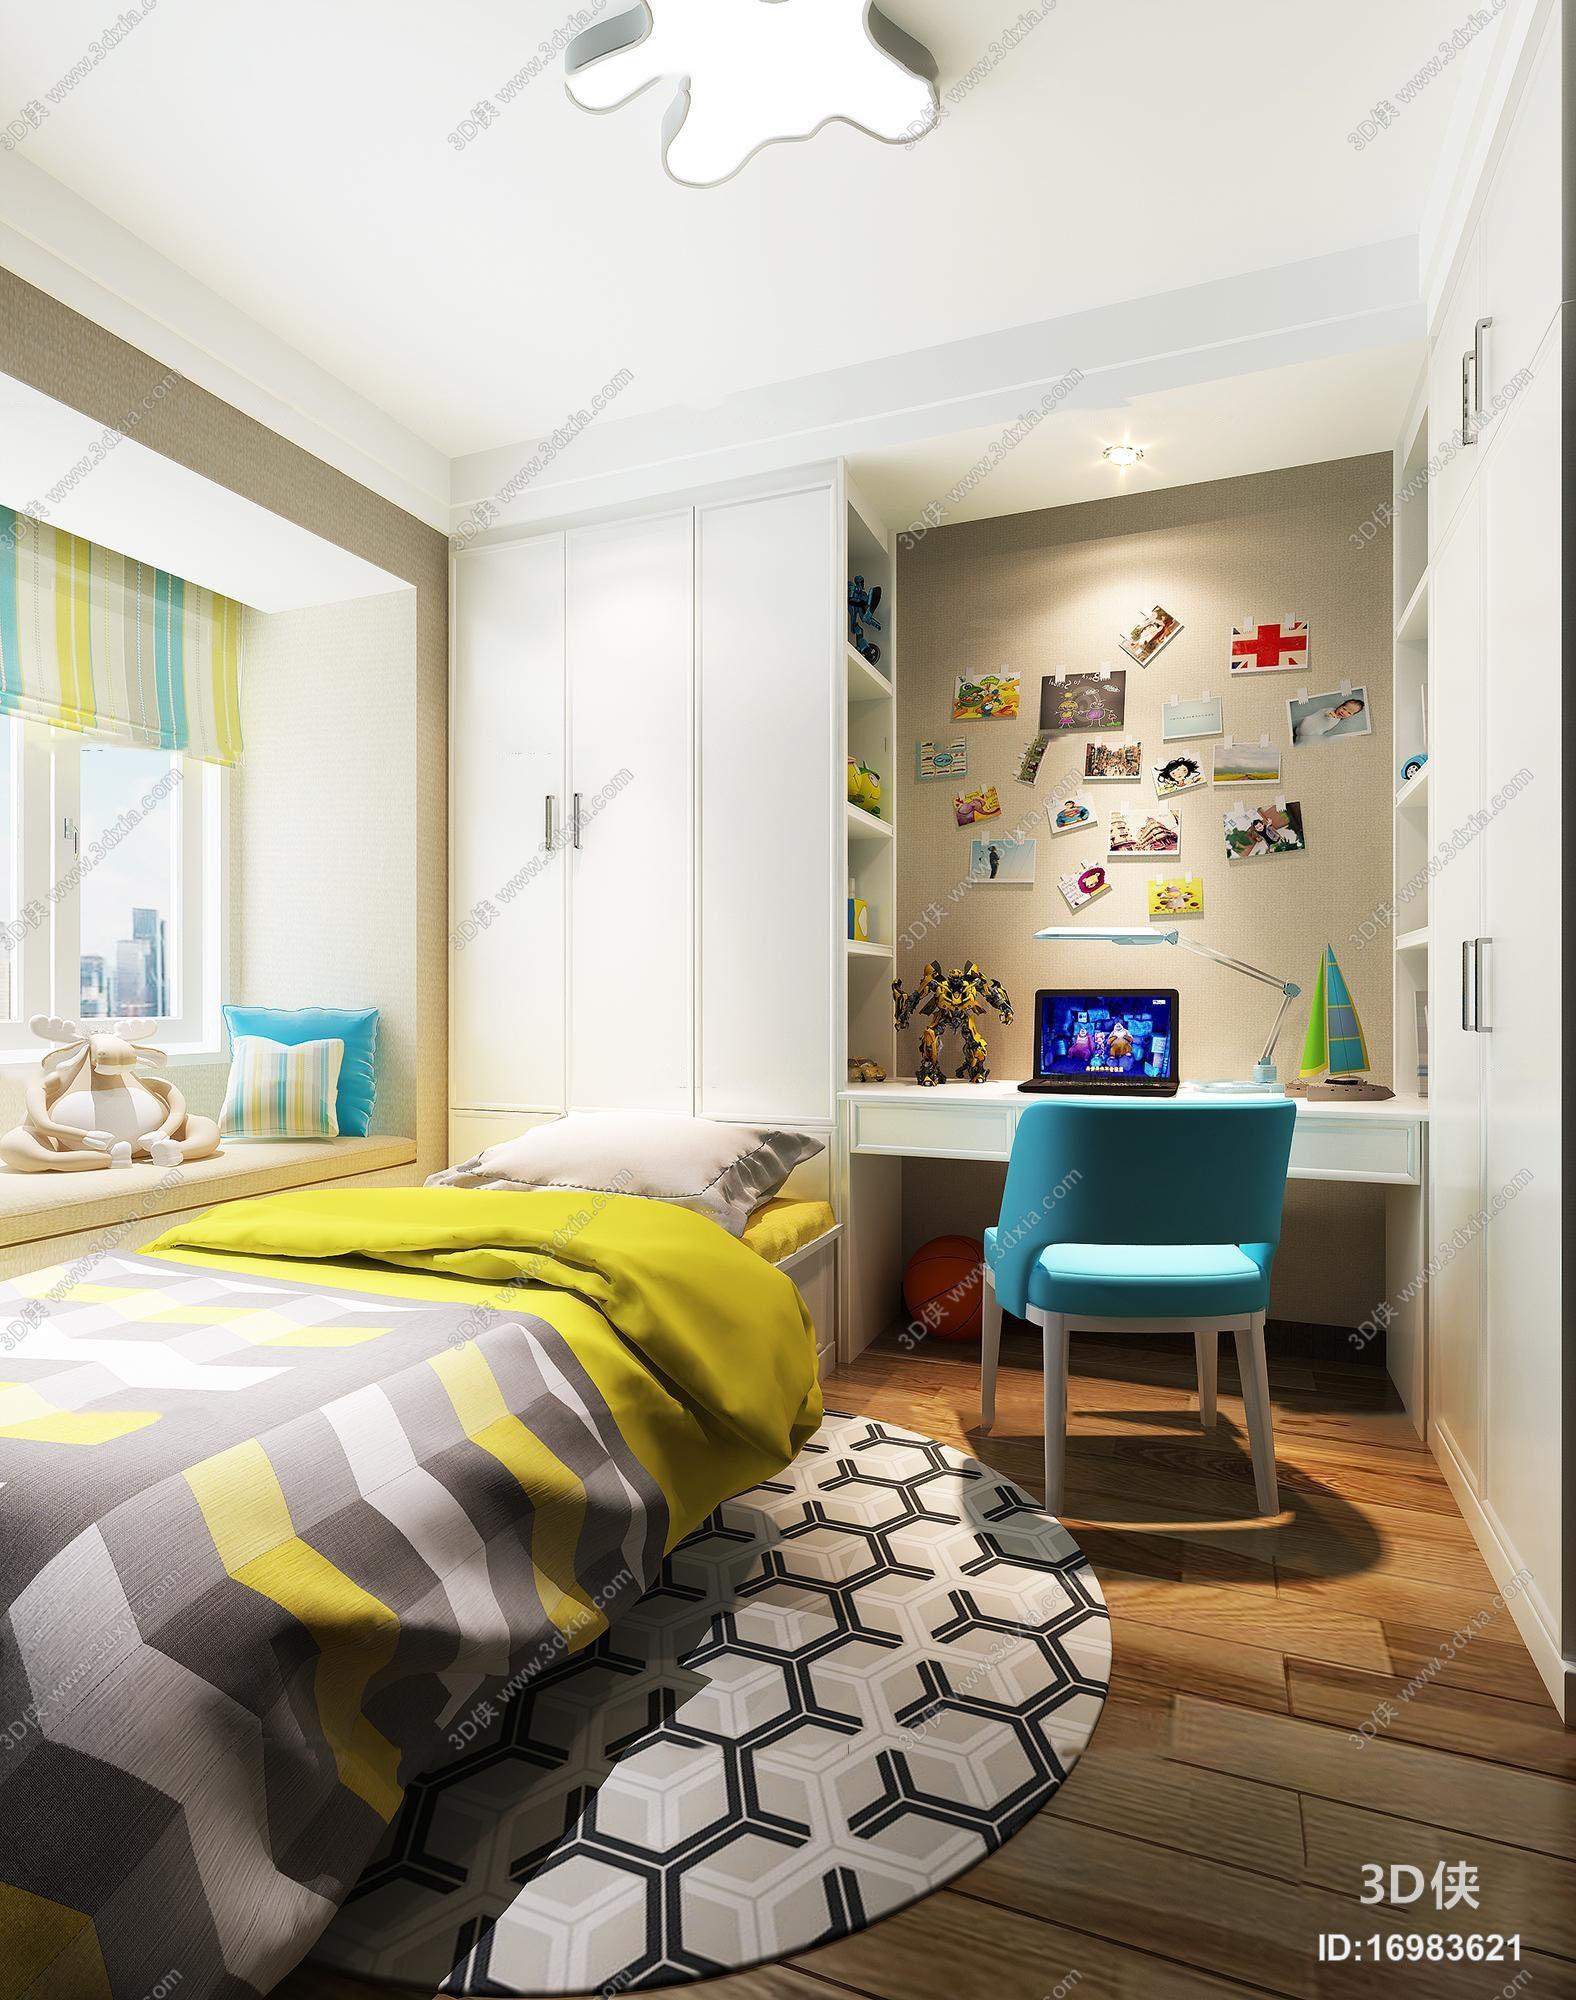 现代榻榻米卧室儿童房3d模型【id:16983621】